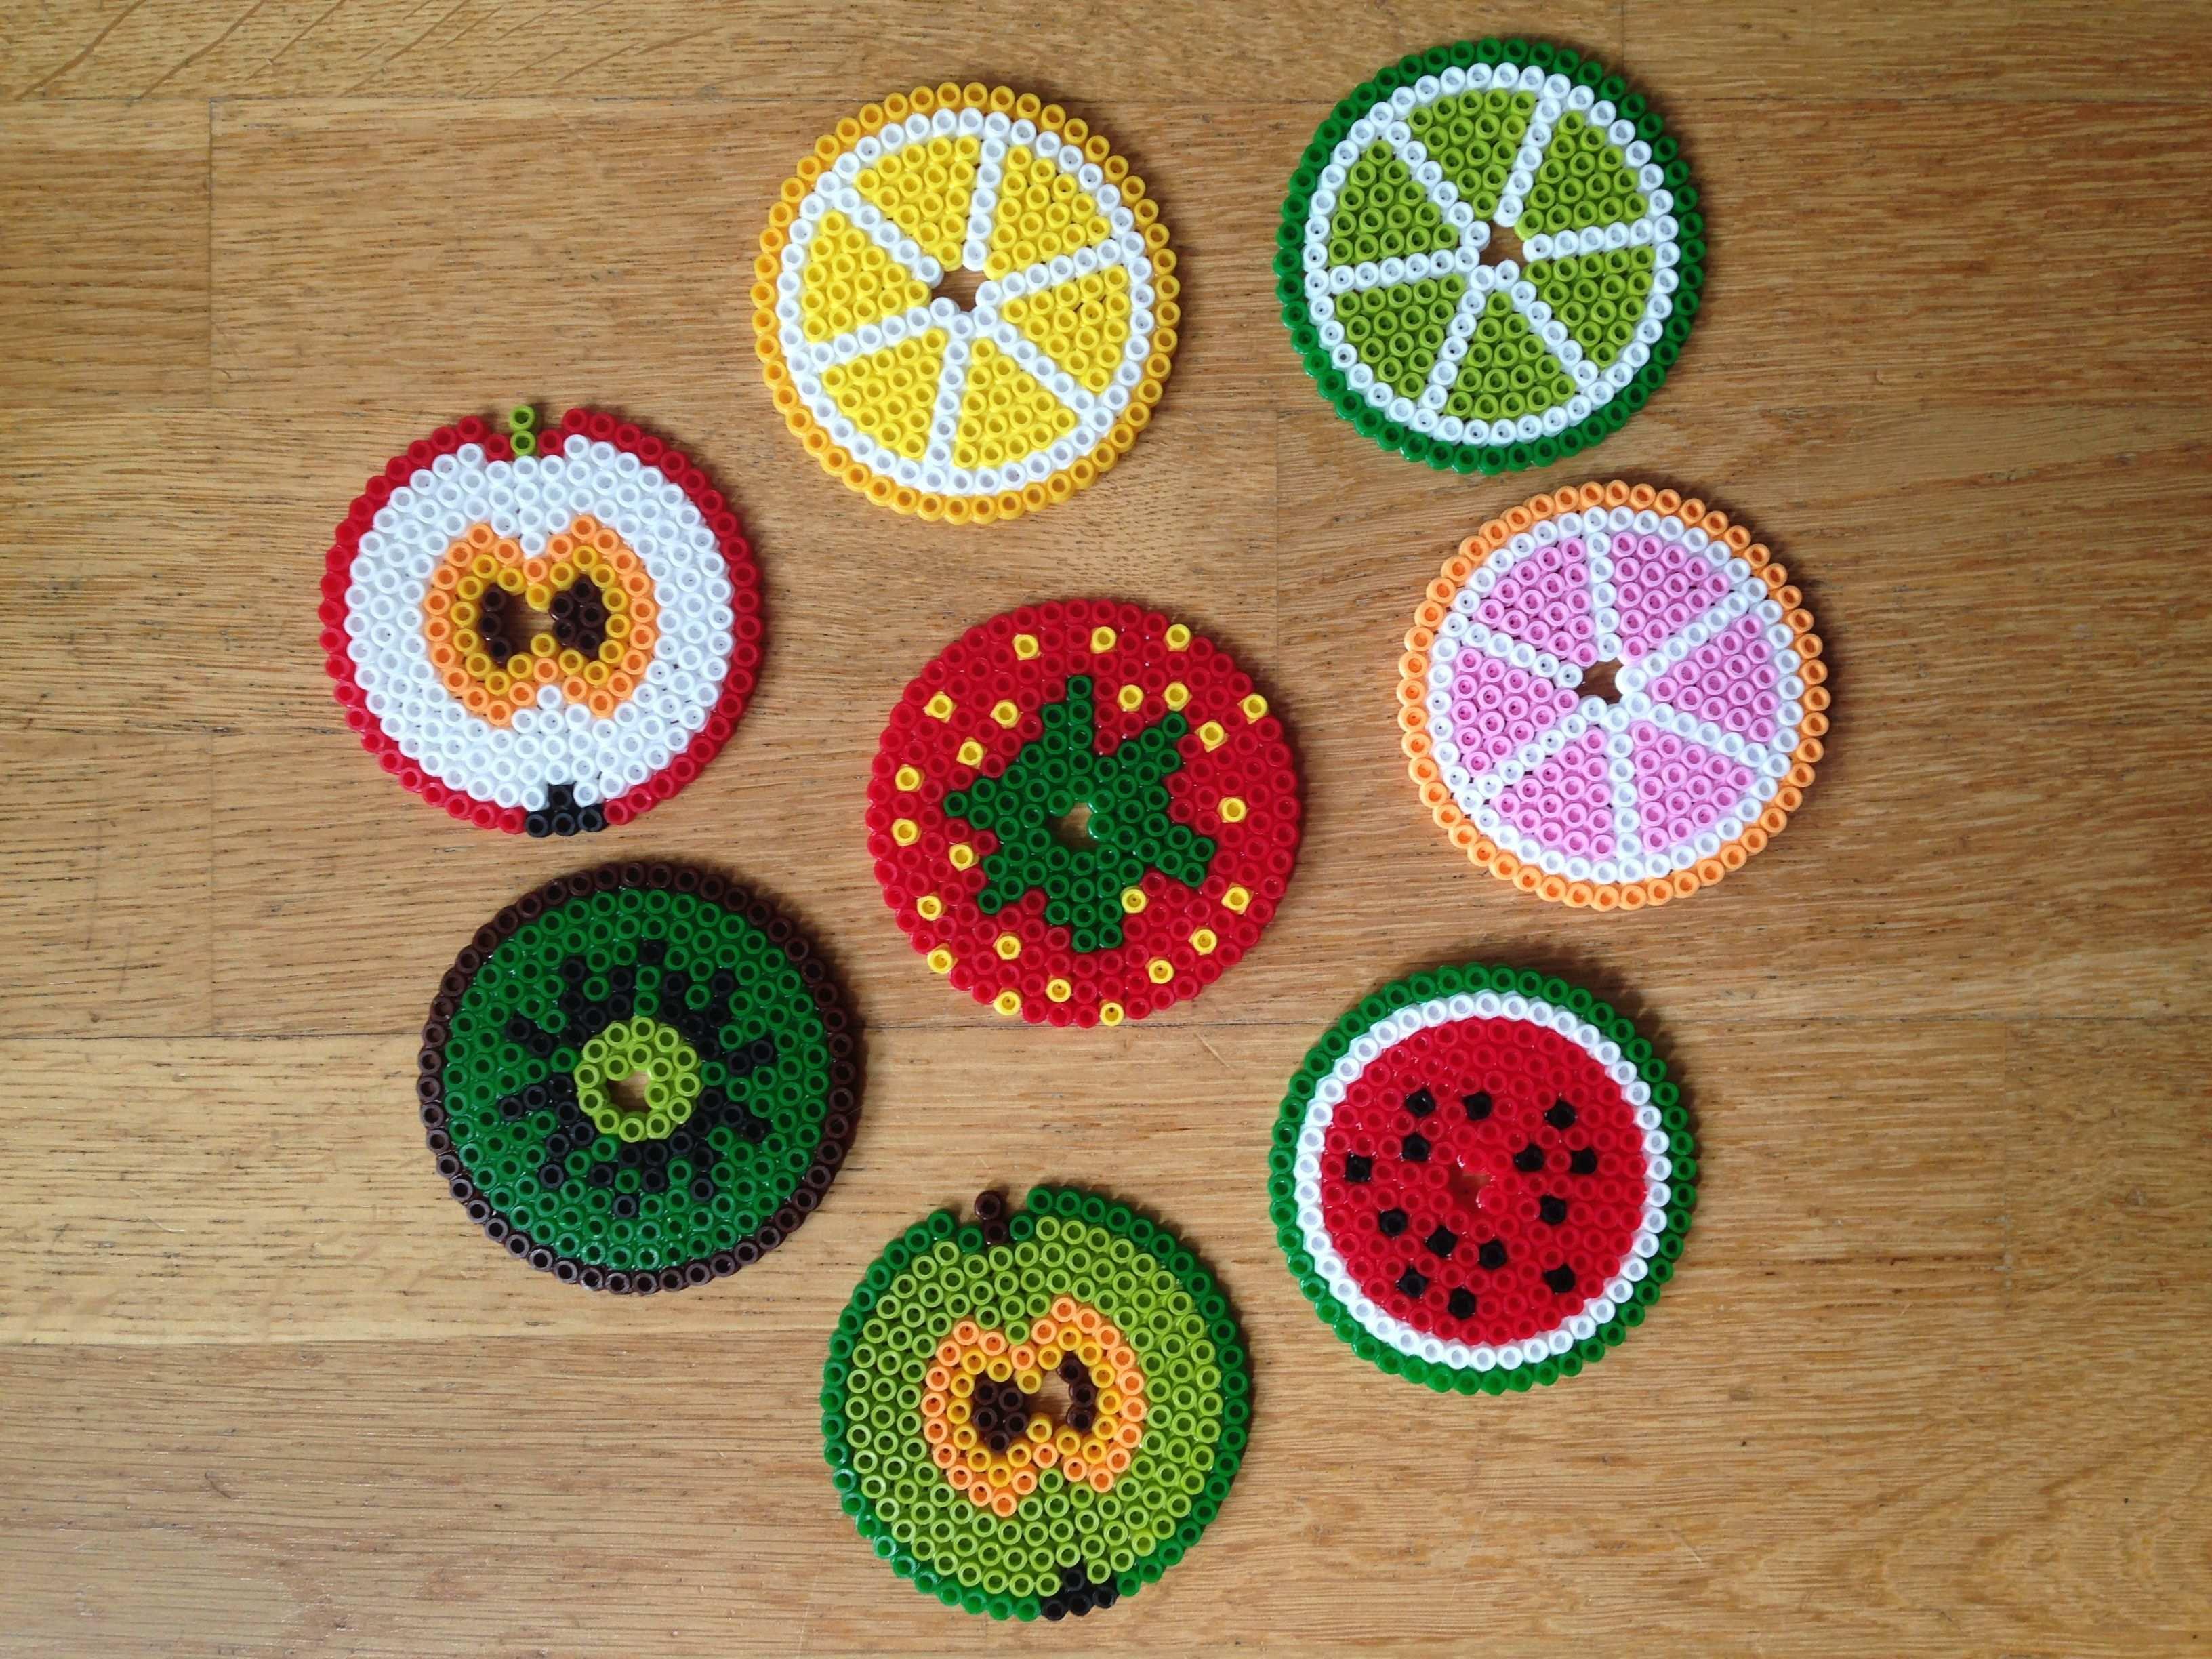 Glaser Deckel Fruchte Aus Bugelperlen Mit Trinkhalm Loch Hama Beads Fruit Coasters Fur Picknick Eisenperlen Basteln Bugelperlen Ostergeschenke Selber Basteln